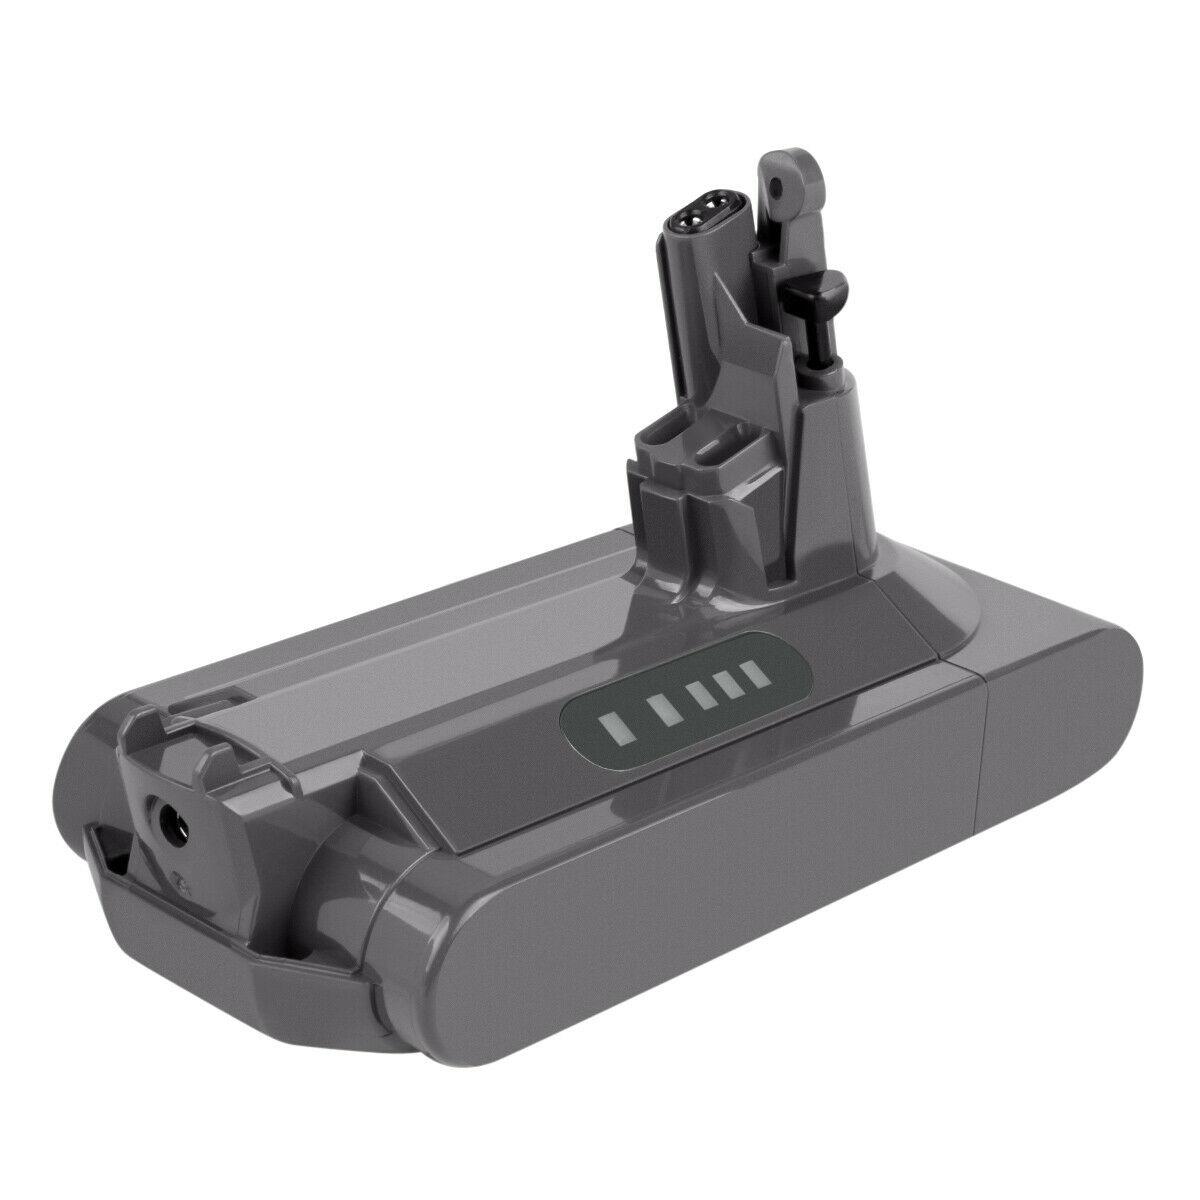 Batterie 25.2V 4Ah Li-ion SV12 969352-02 Dyson V10 Animal Fluffy handheld vacuum cleaner(compatible)